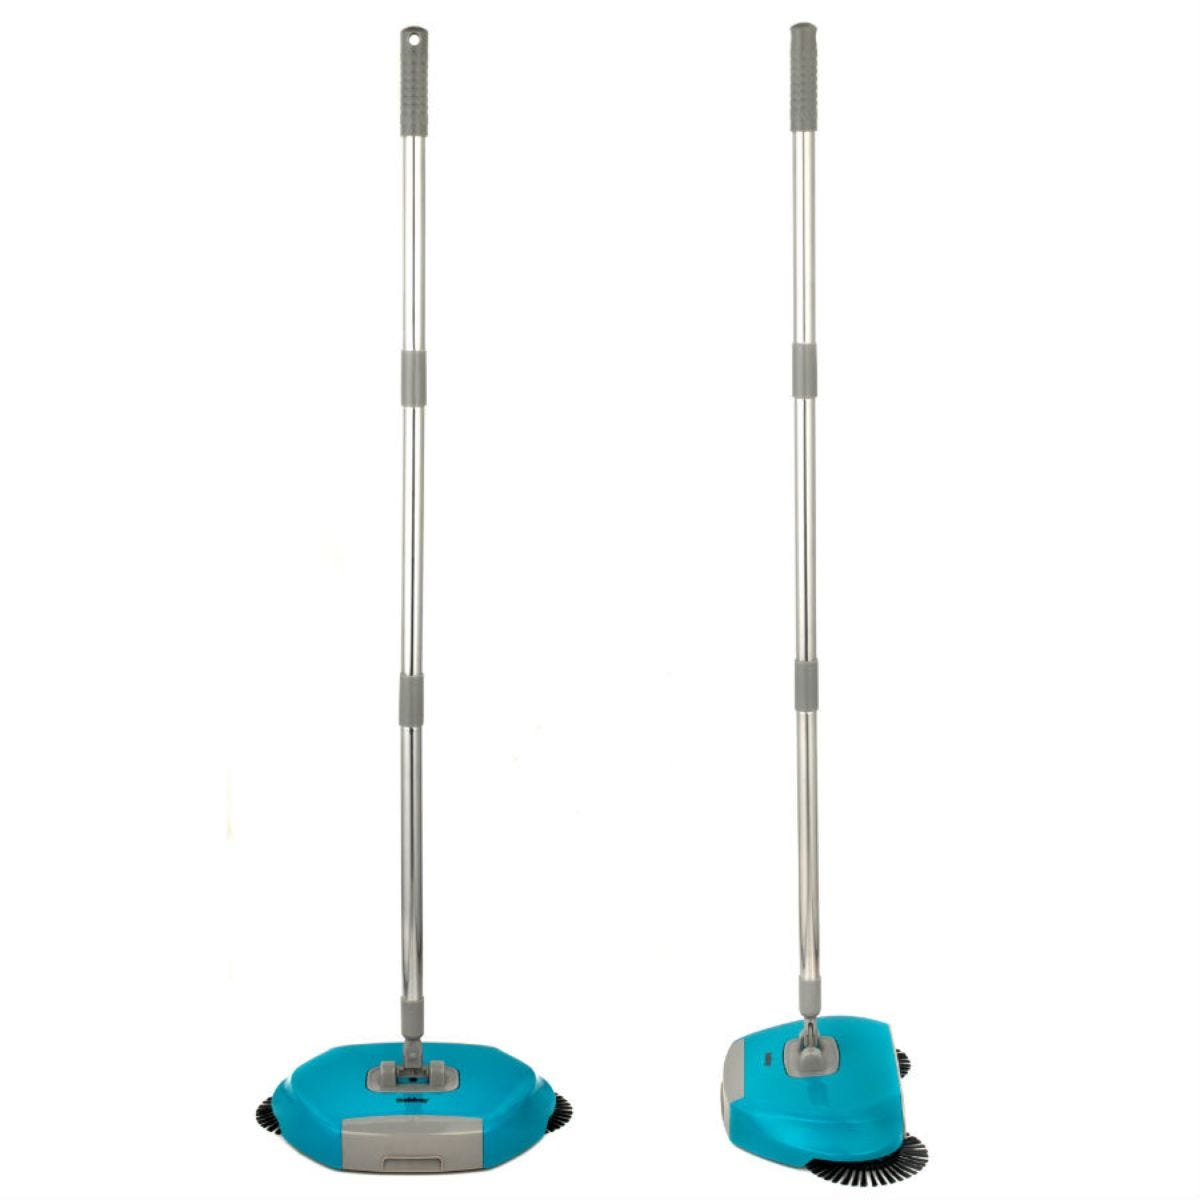 Beldray Hard Floor Spinning Sweeper